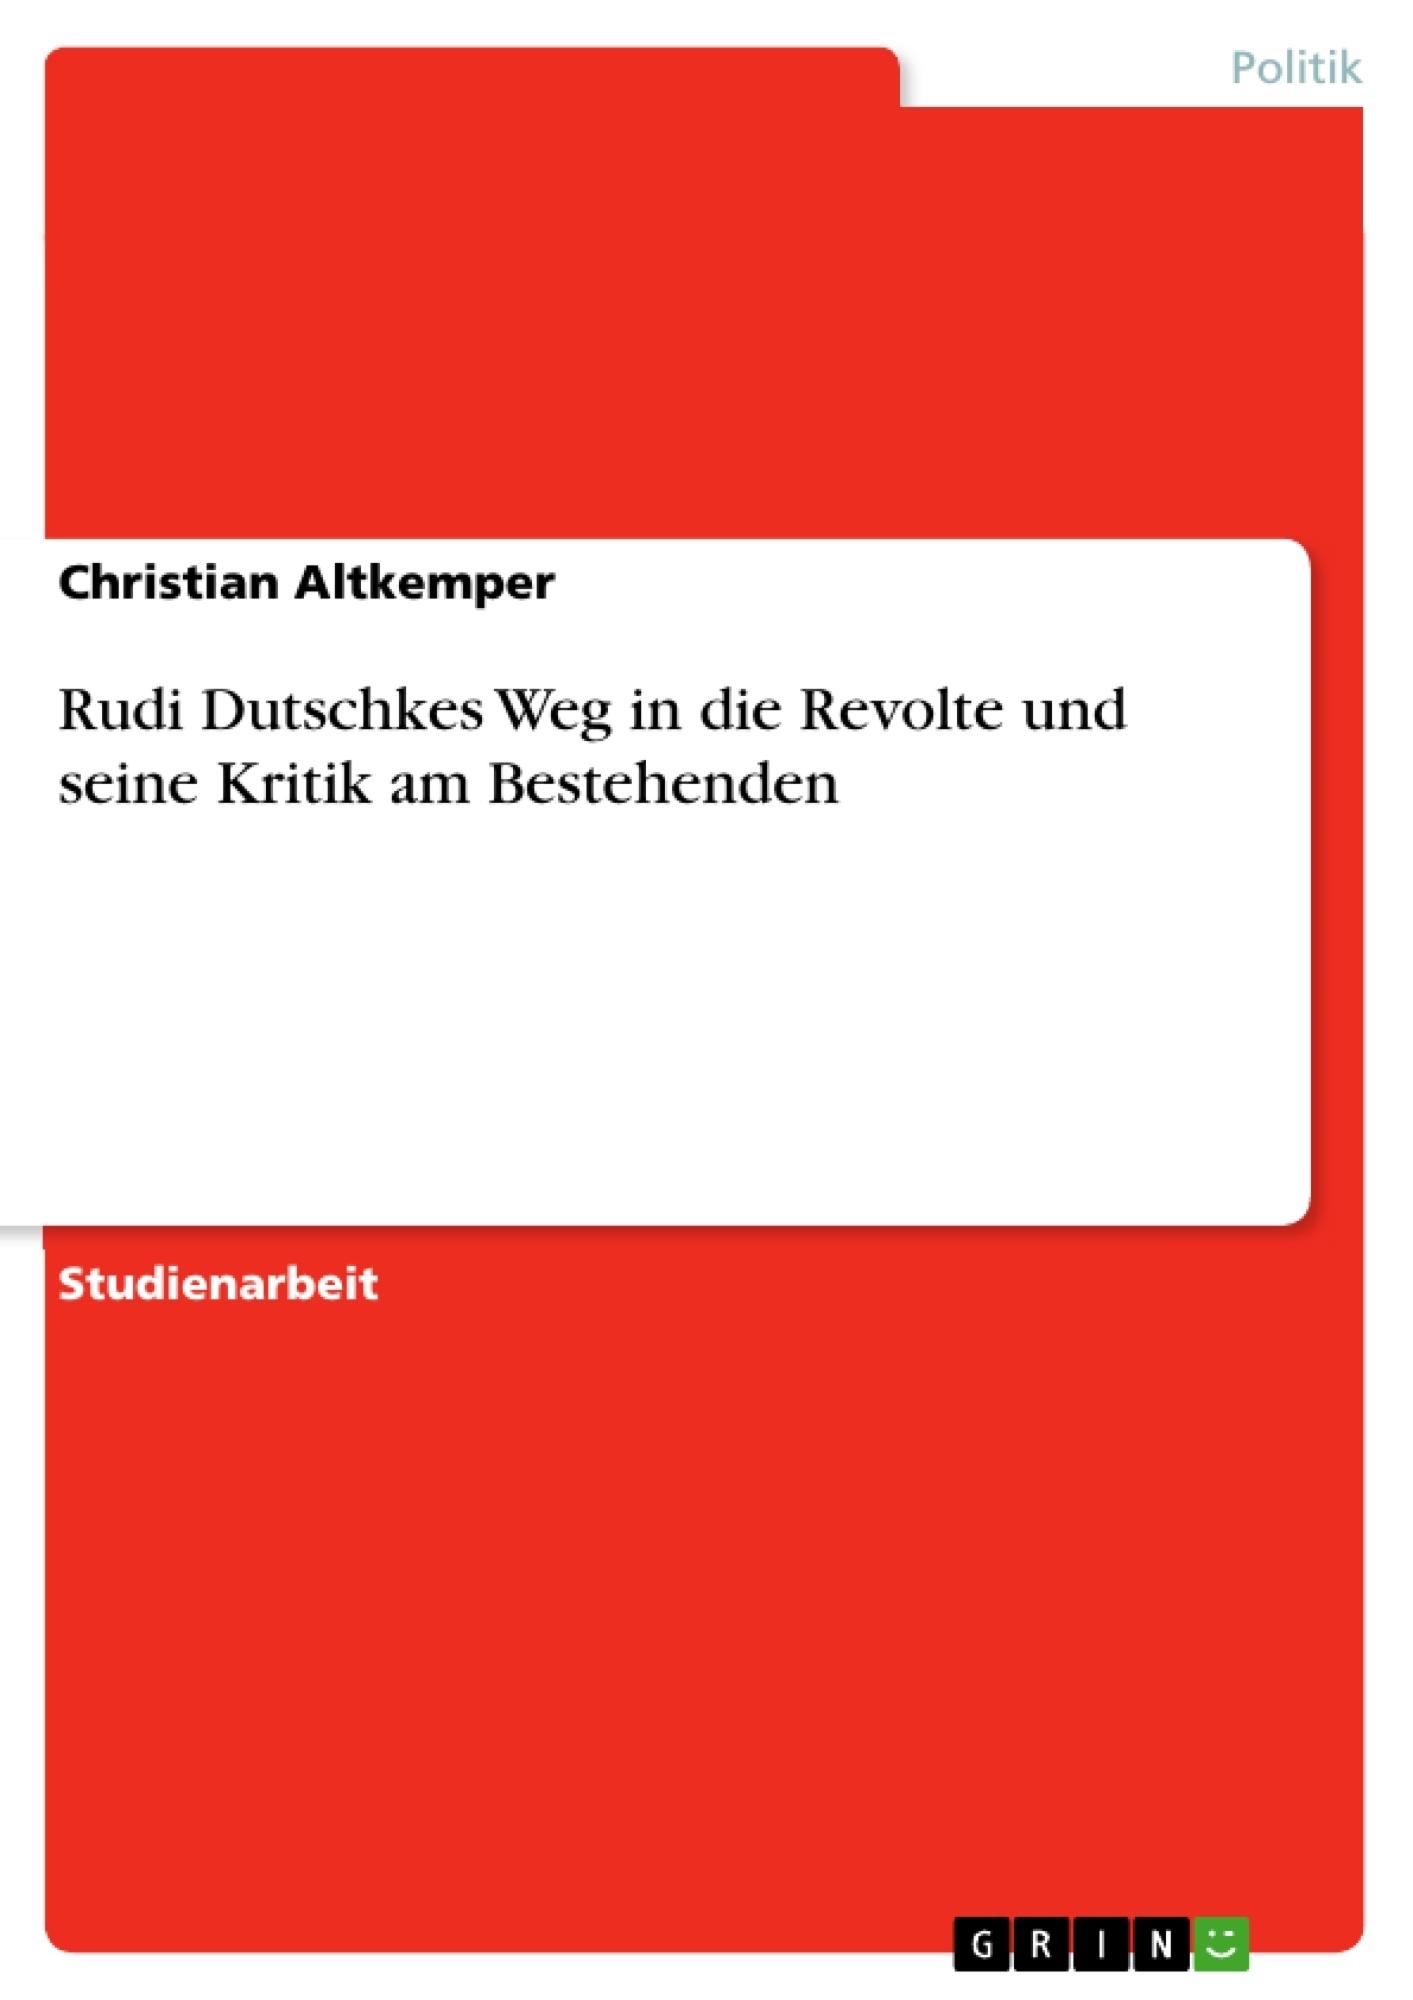 Titel: Rudi Dutschkes Weg in die Revolte und seine Kritik am Bestehenden